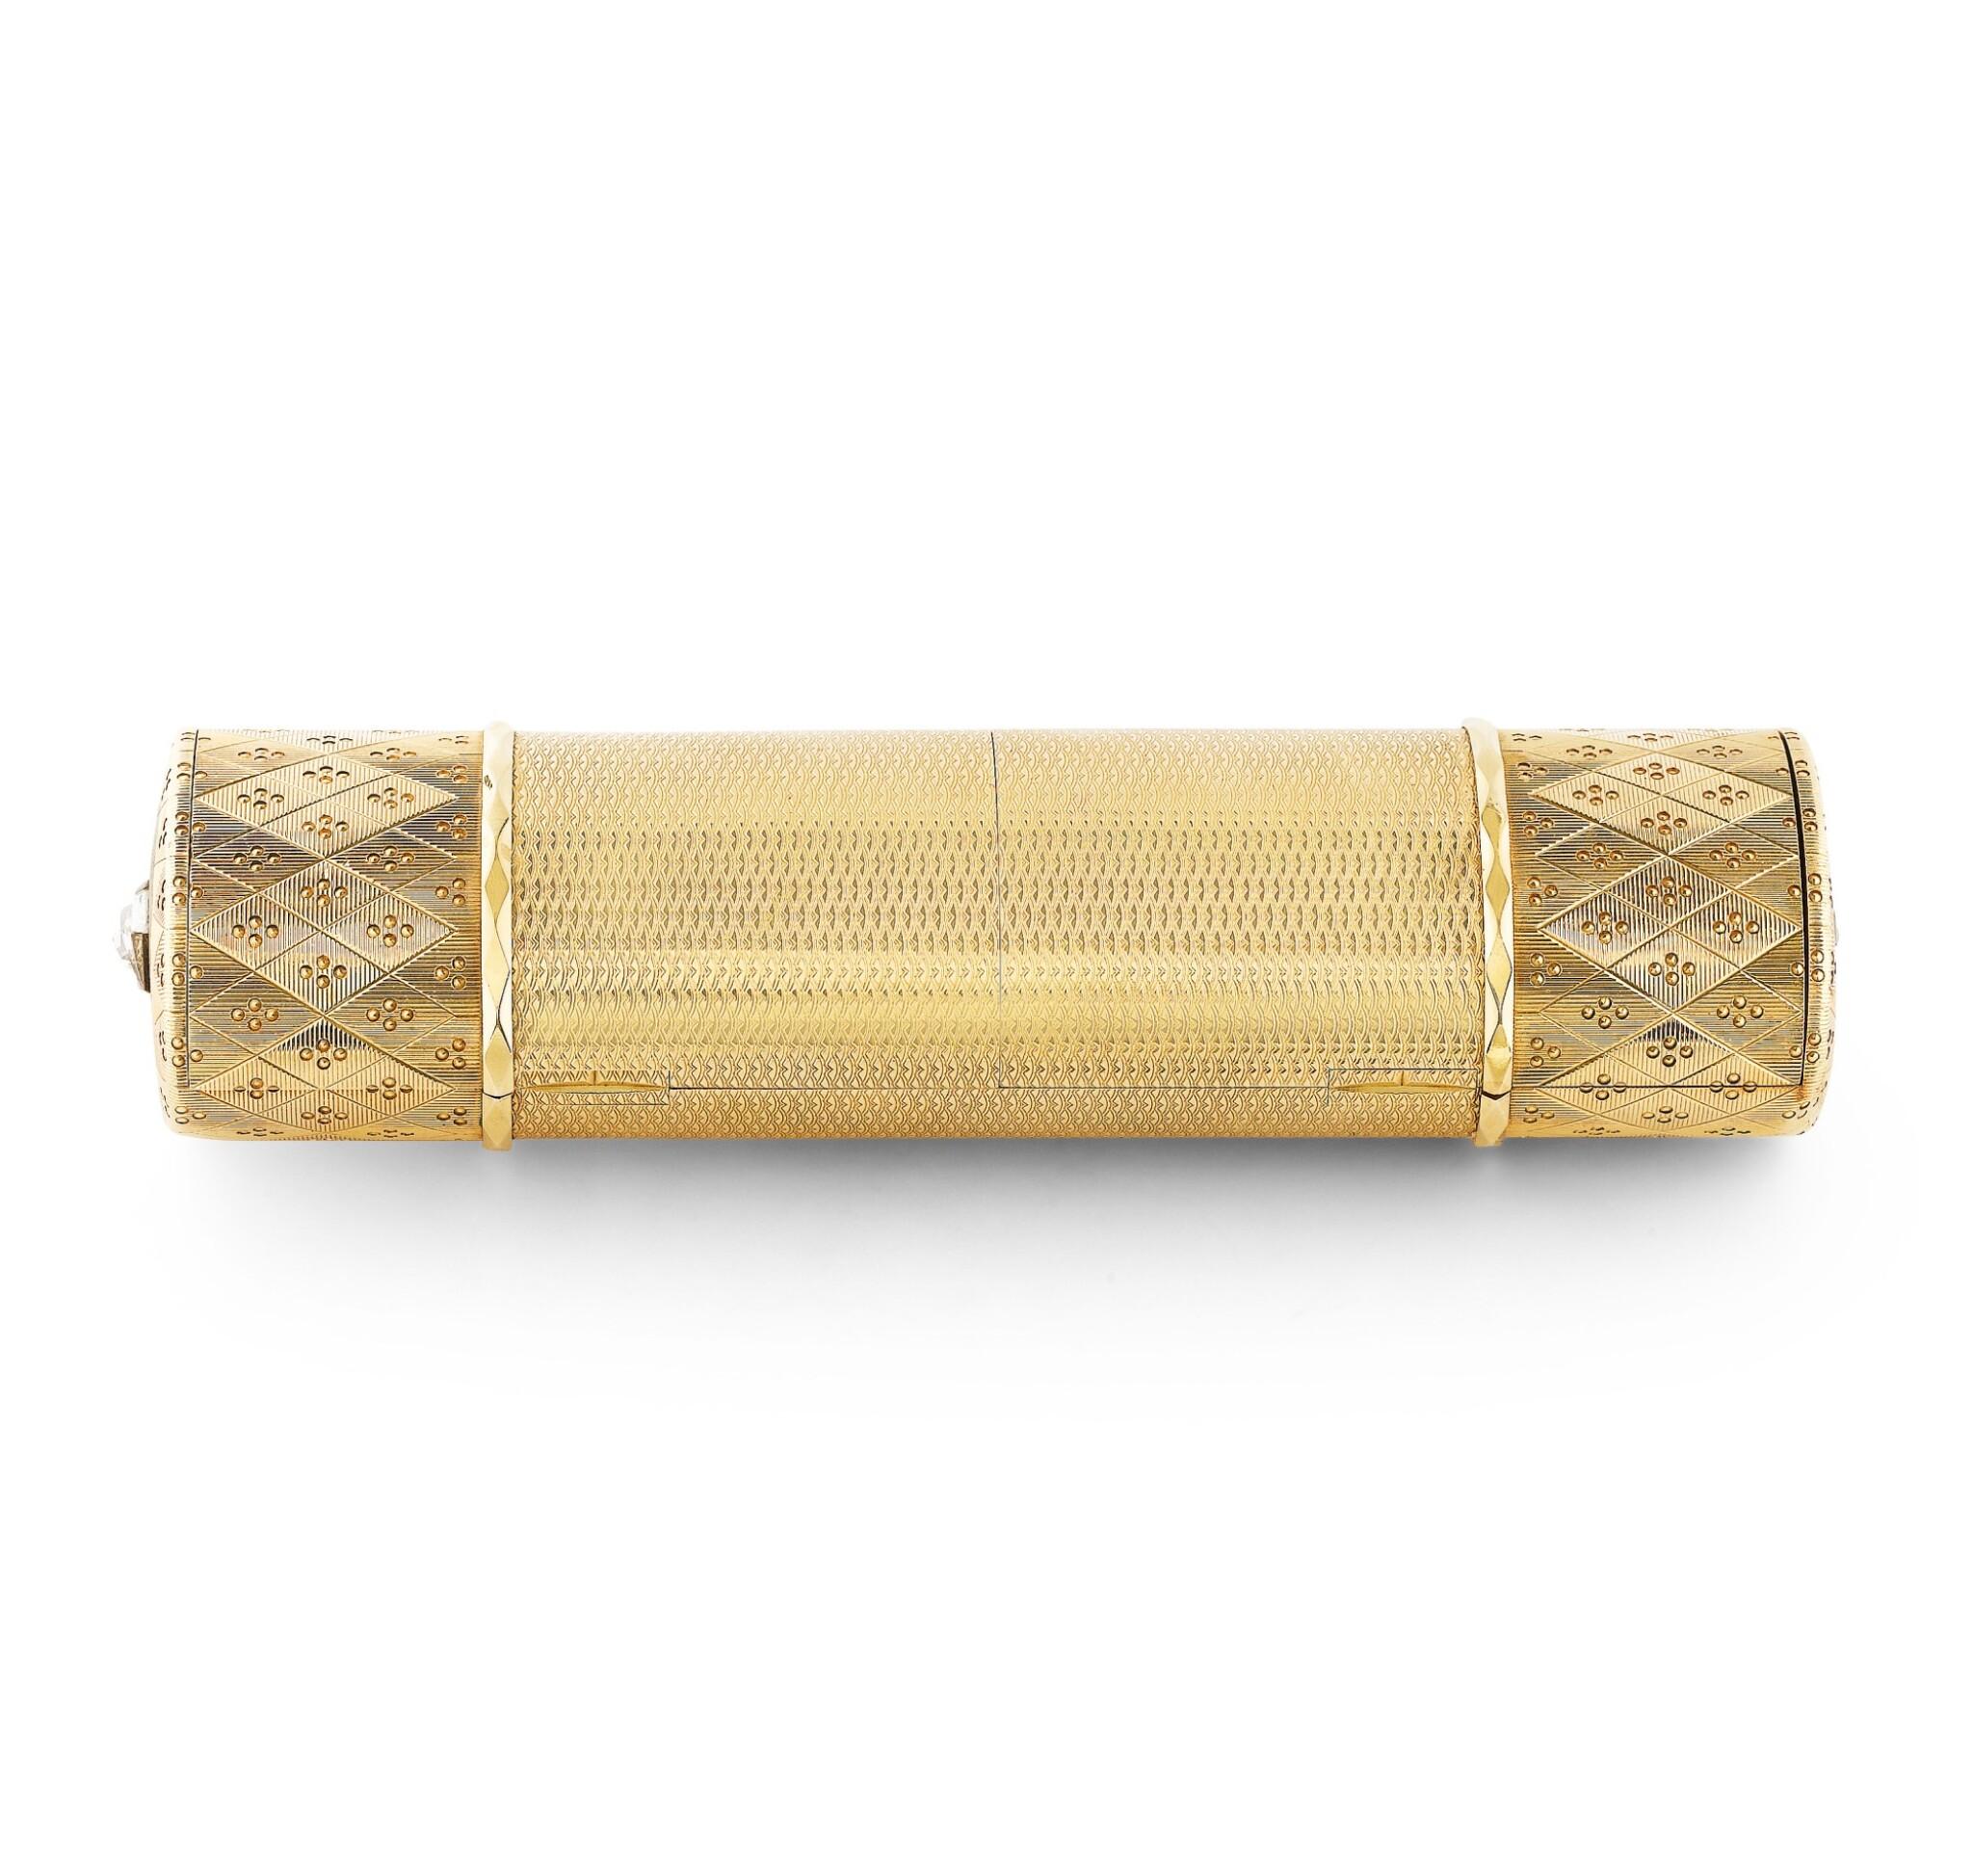 View full screen - View 1 of Lot 53. CARTIER | NÉCESSAIRE DE BEAUTÉ OR ET DIAMANTS, DESSINÉ PAR RUPERT EMMERSON | GOLD AND DIAMOND VANITY CASE, DESIGNED BY RUPERT EMMERSON.